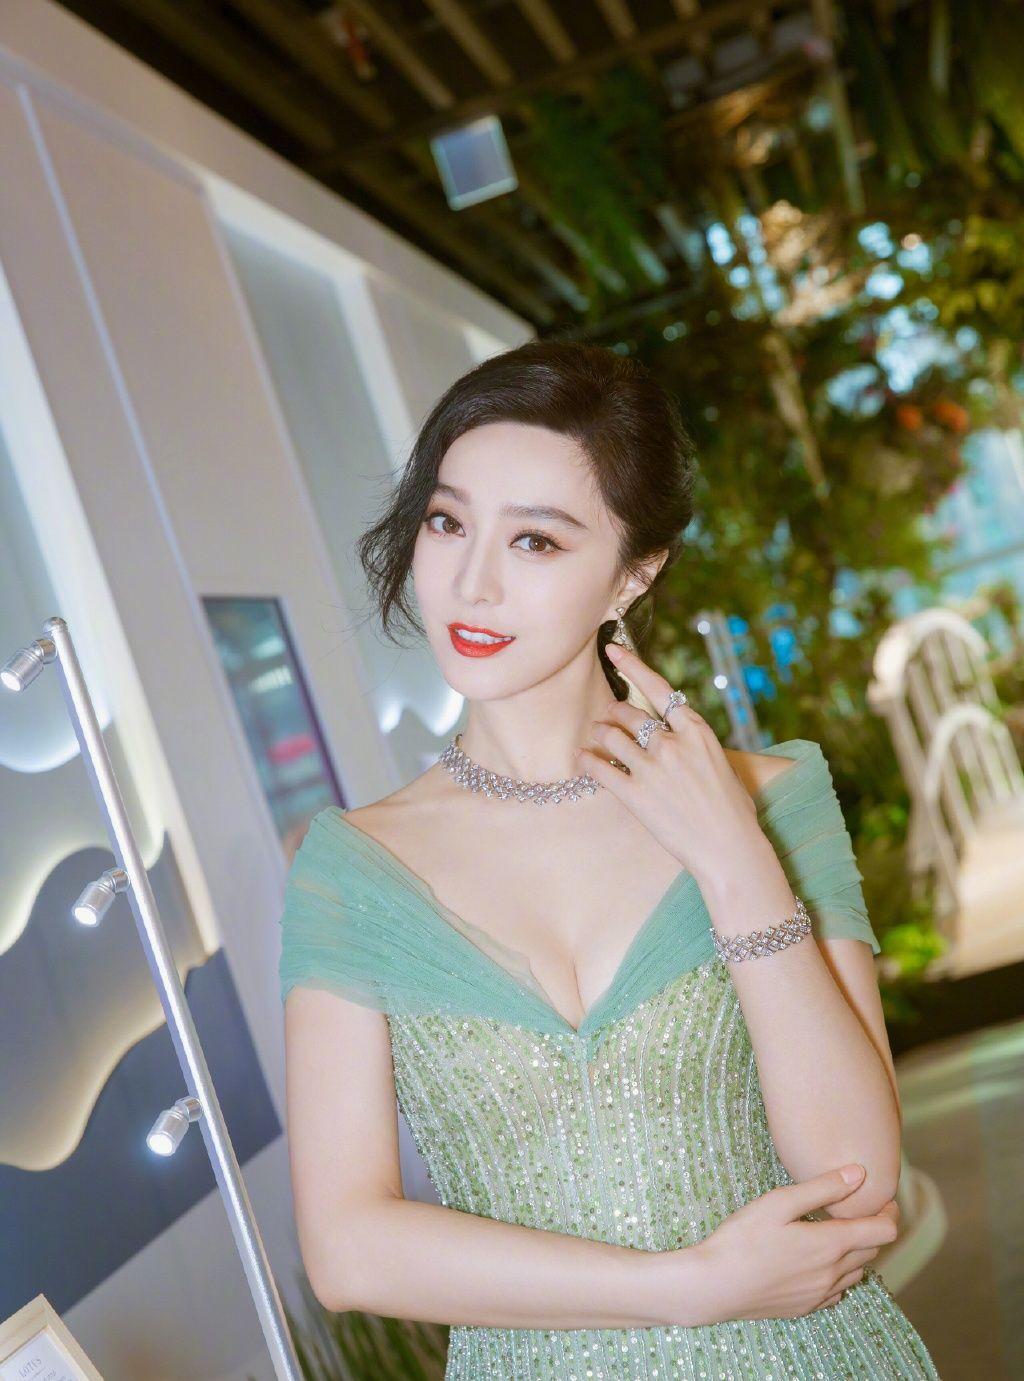 范冰冰美貌、清纯,高挑的身材,鹅蛋型的脸庞,你喜欢她吗?